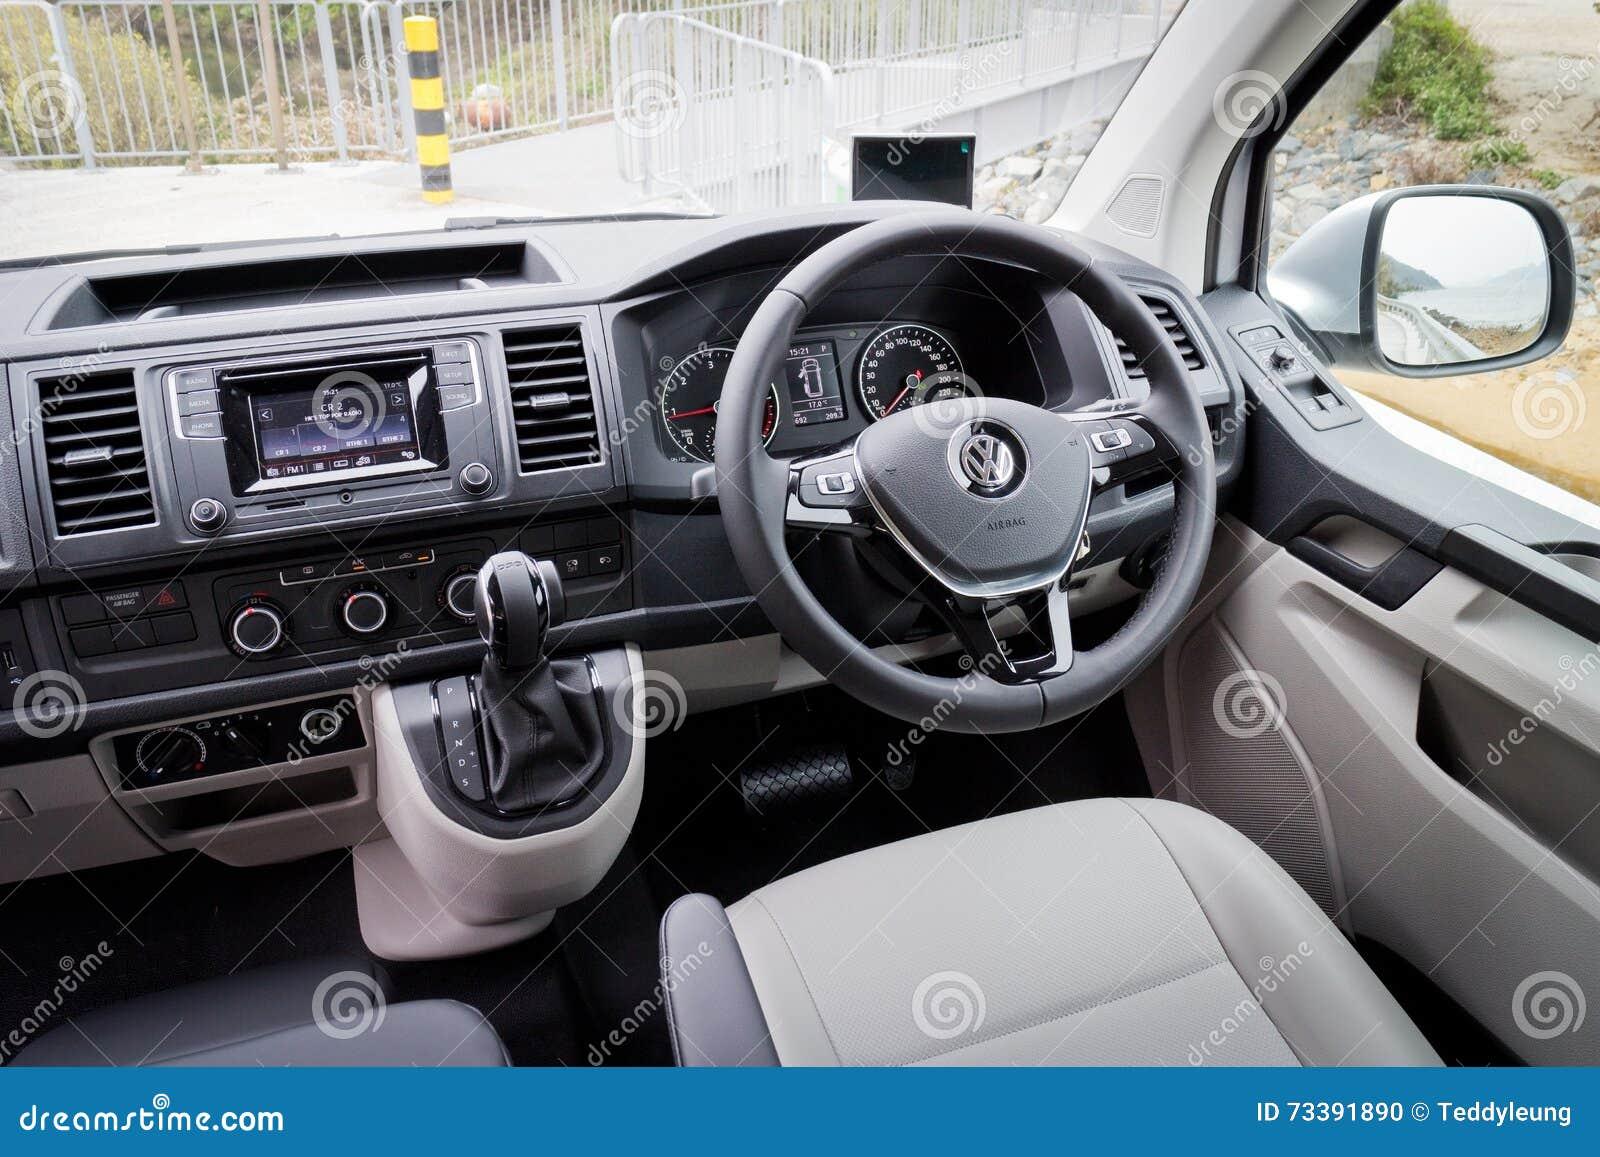 Innenraum Volkswagen-Transporter-2016 Redaktionelles Bild - Bild von ...